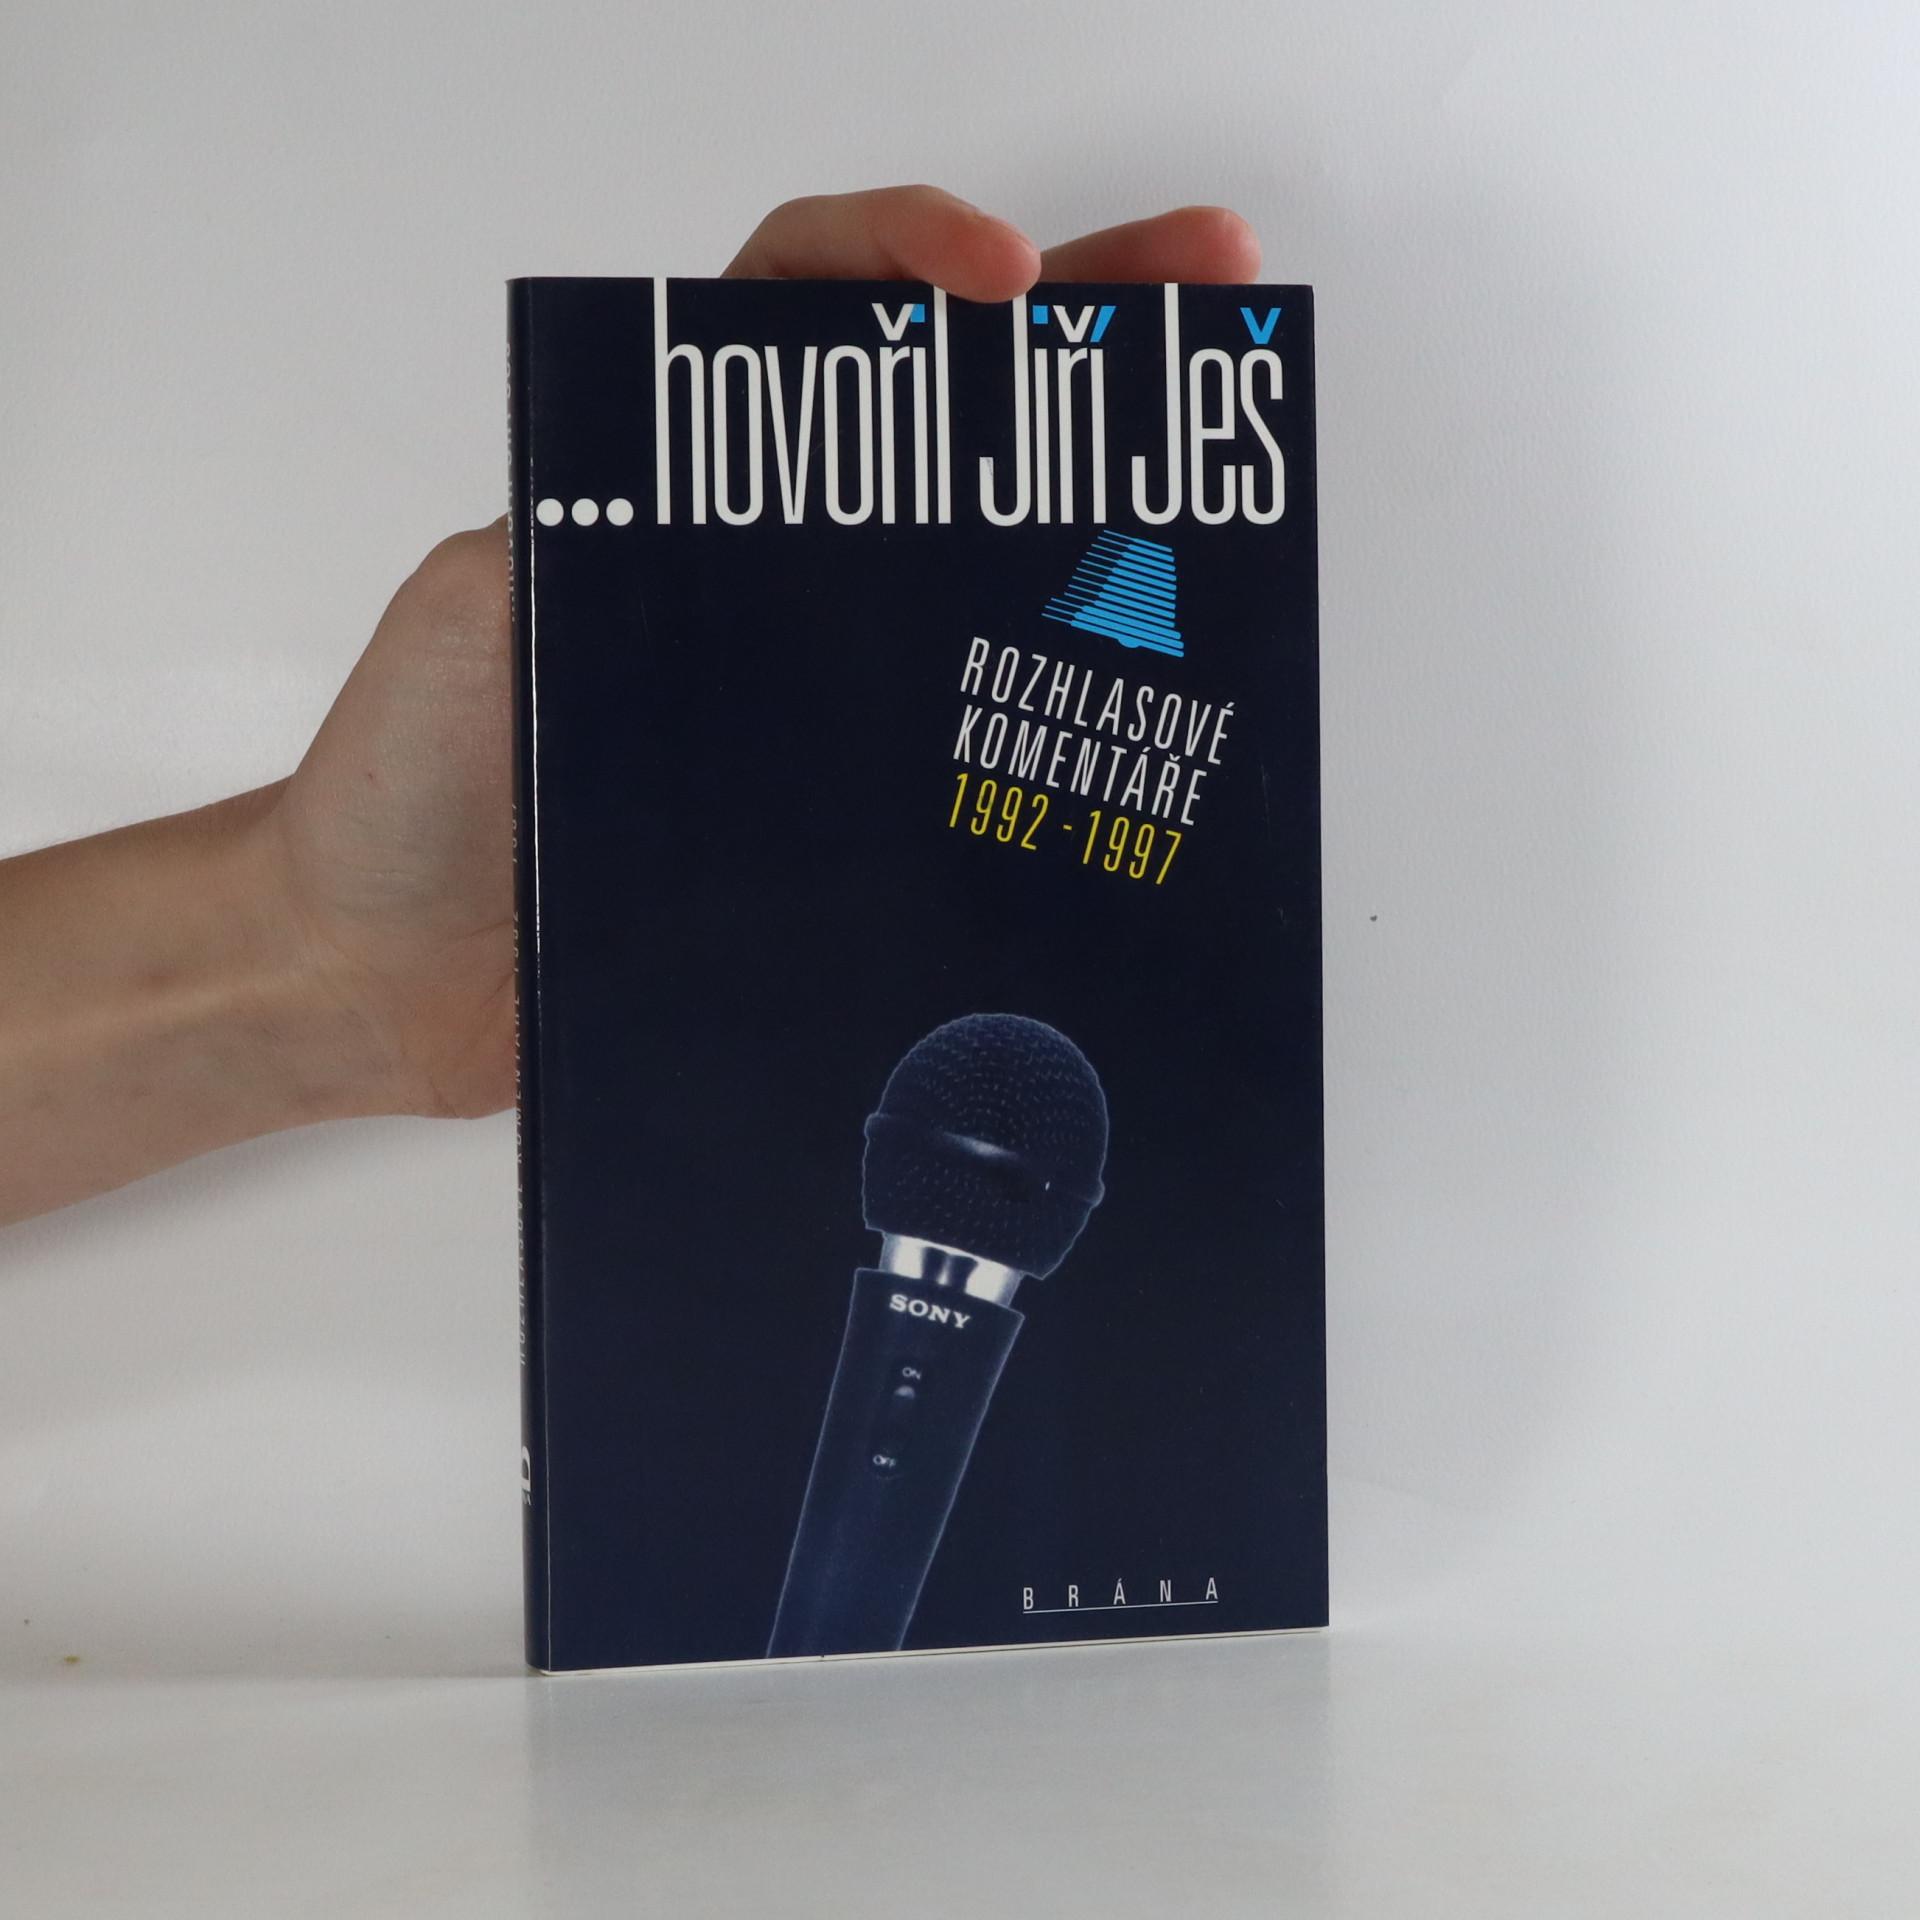 antikvární kniha ...hovořil Jiří Ješ. Rozhlasové komentáře 1992-1997., 1997